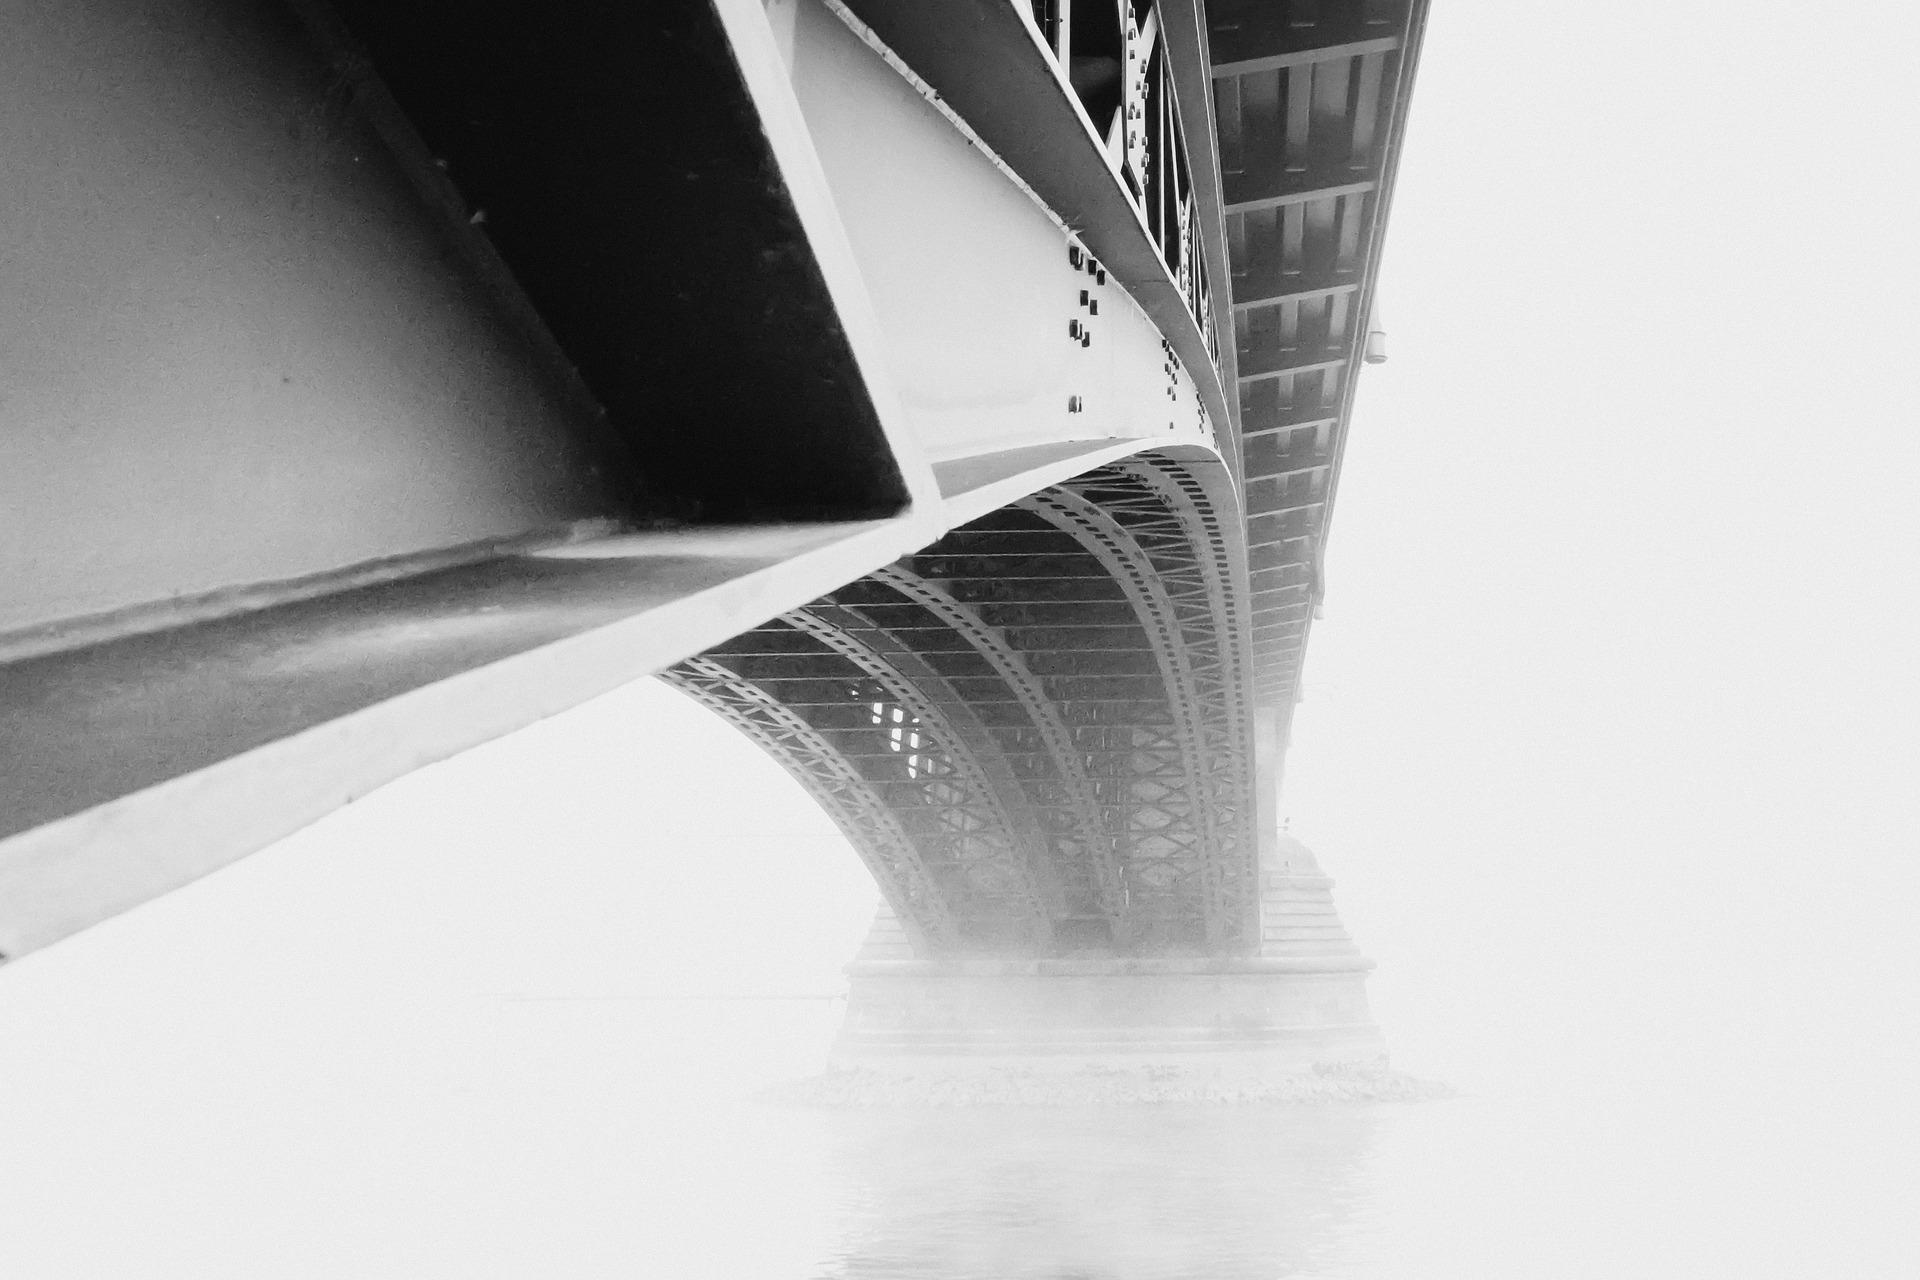 Torre Eiffel desde abajo.